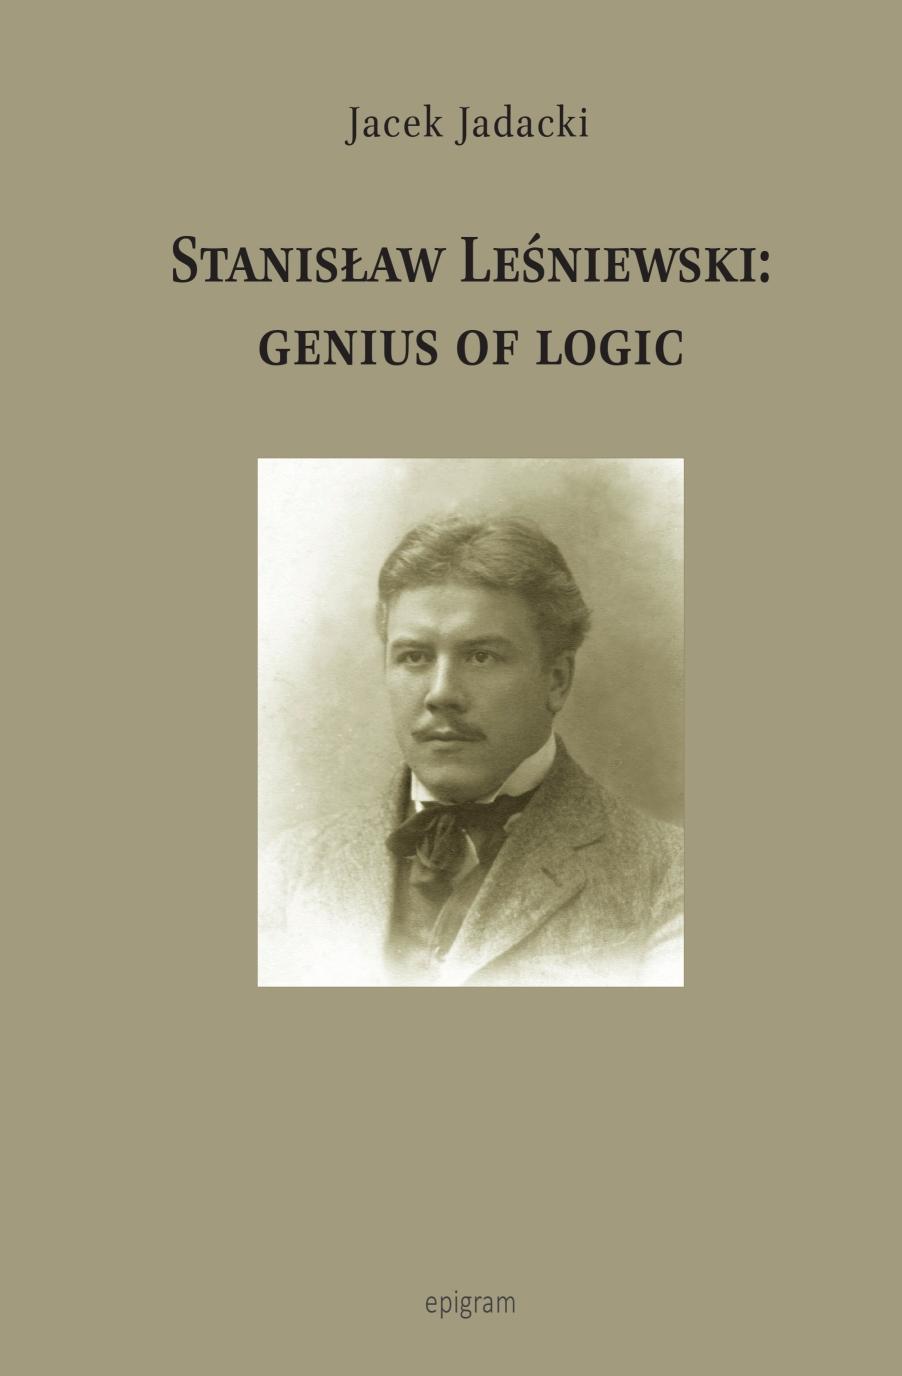 Stanisław Leśniewski: Genius of Logic / Jacek Jadacki okładka